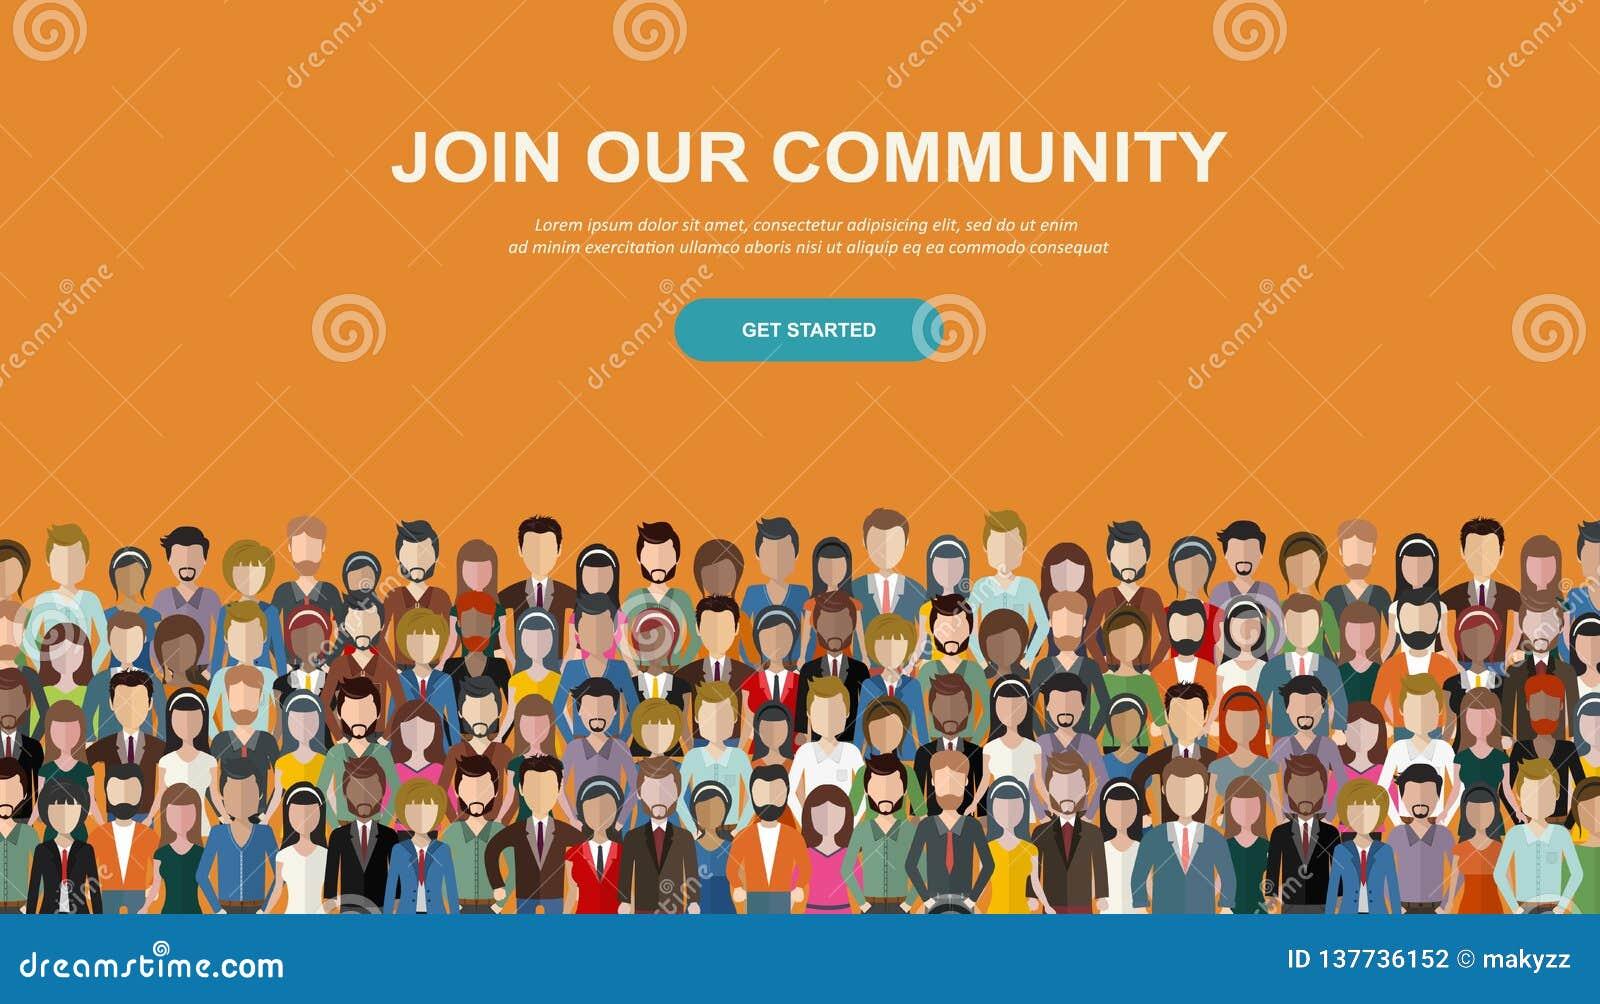 Łączy Nasz społeczności Tłum zlani ludzie jako biznes lub kreatywnie społeczność stoi wpólnie Płaski pojęcie wektor